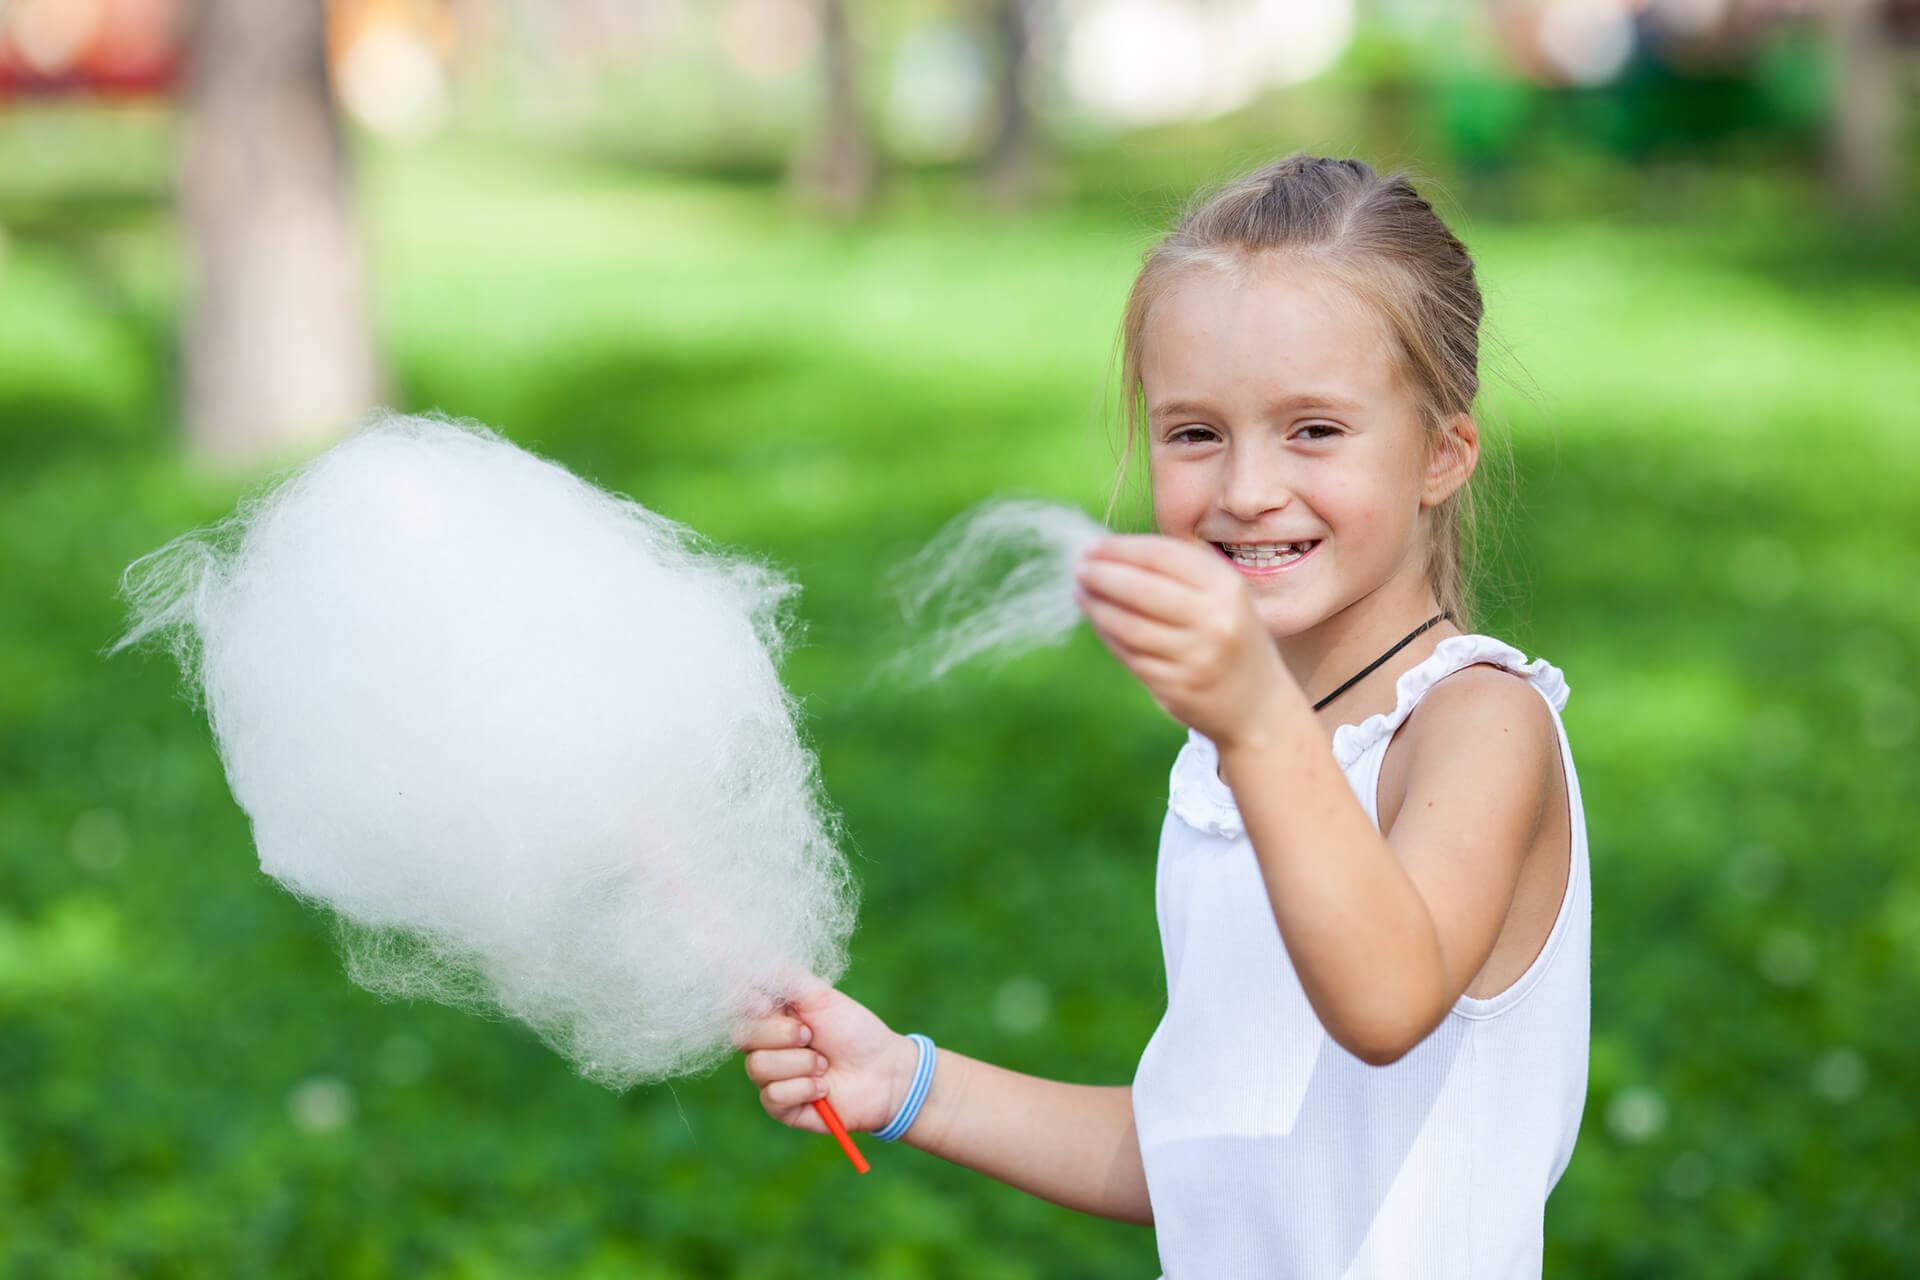 Zucchero filato in una festa per bambini